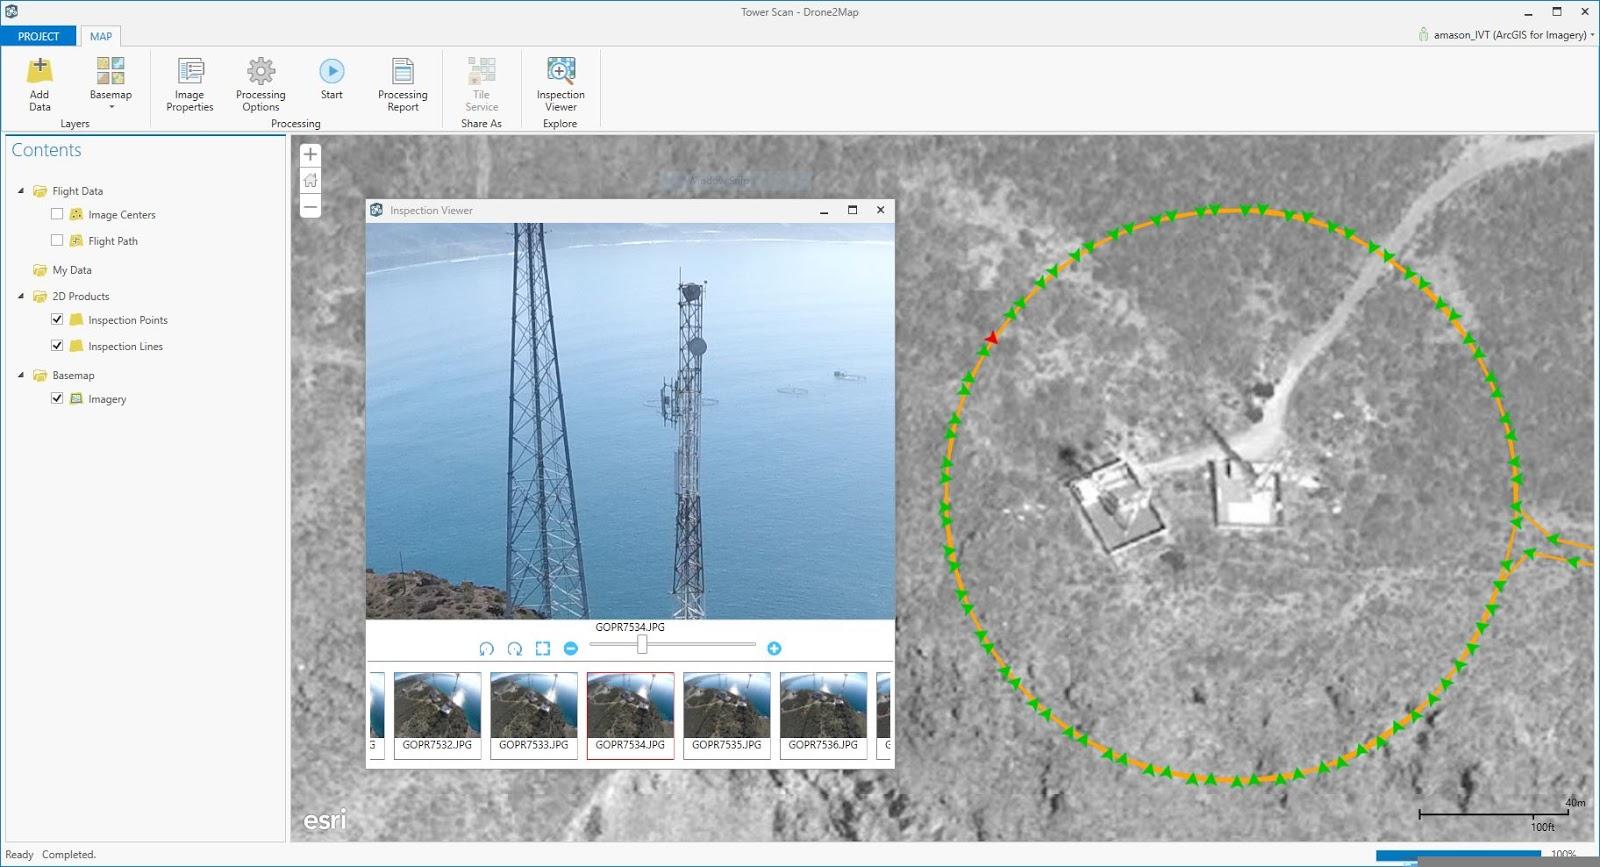 Drone2map para arcgis ponga su drone a trabajar inspeccin torre de comunicacin con drone2map para arcgis sciox Gallery